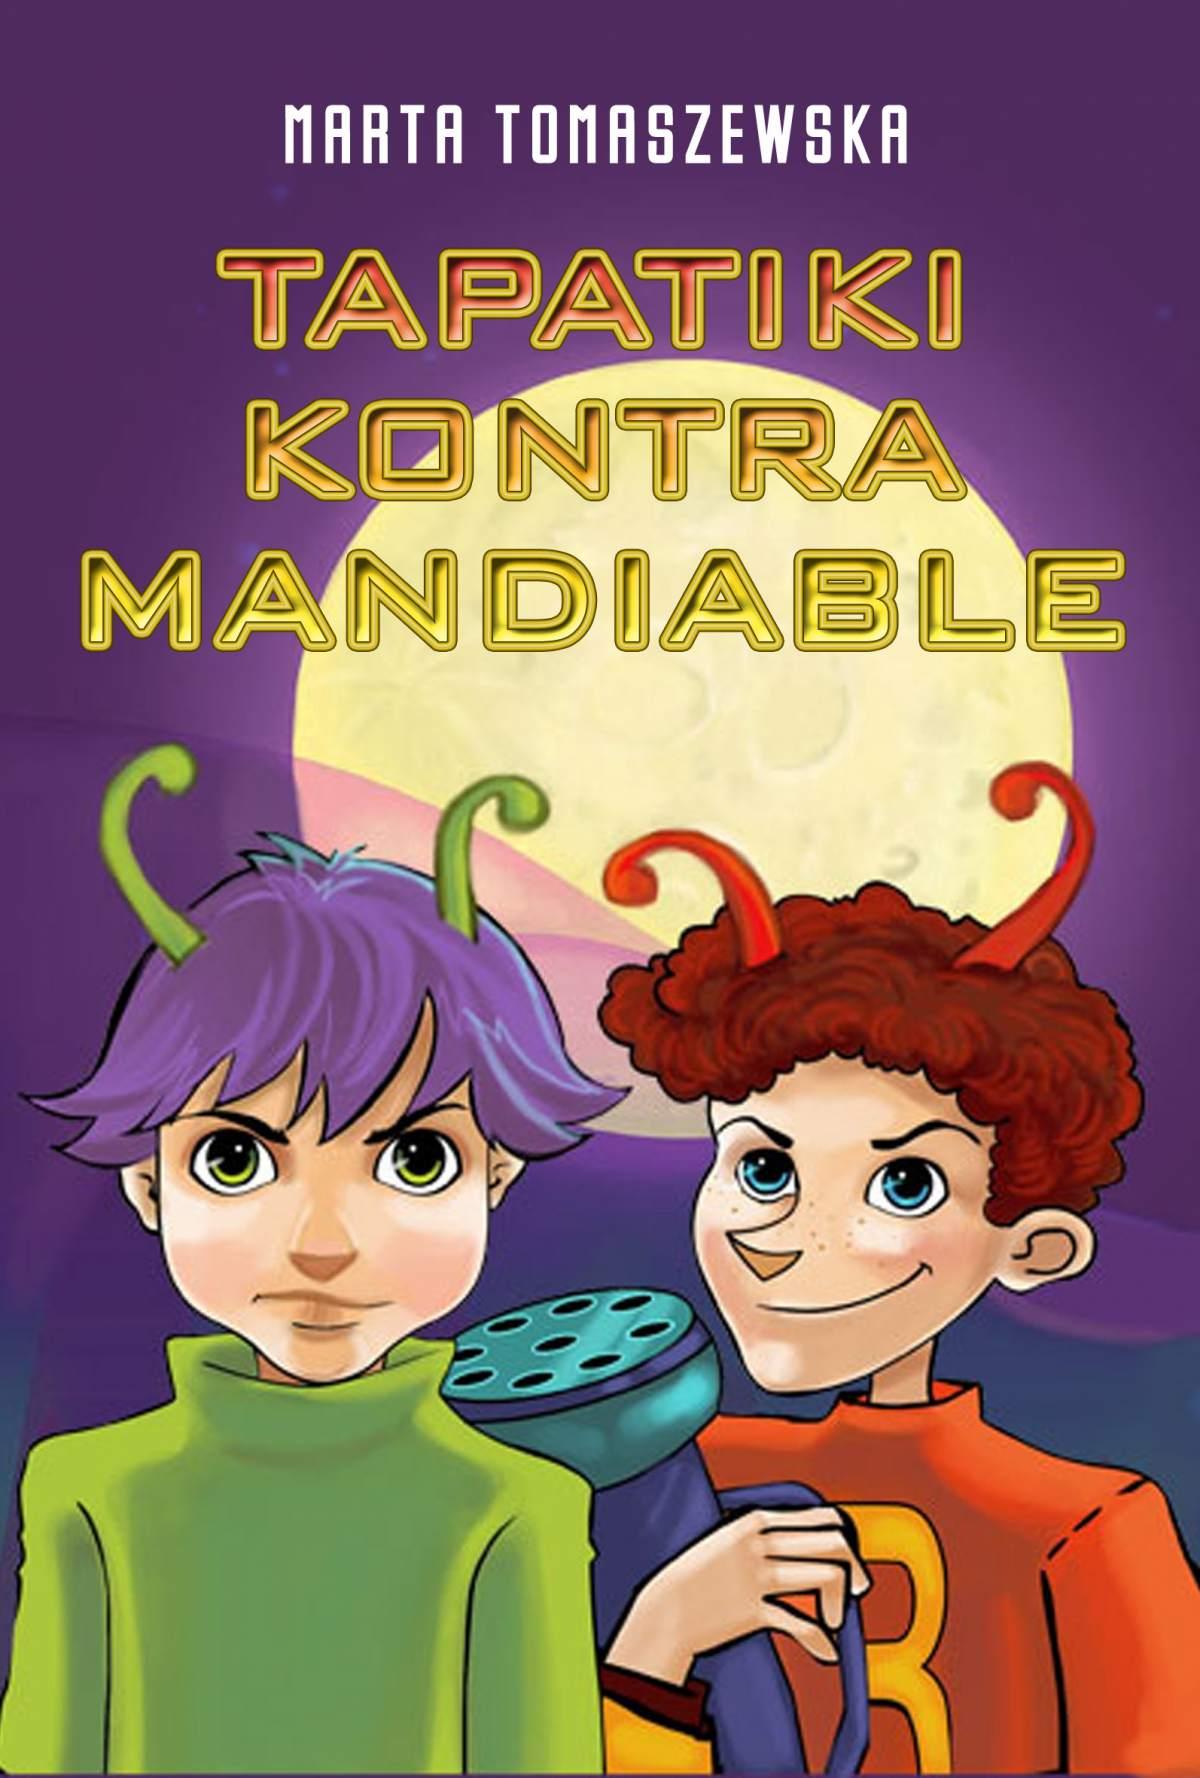 Tapatiki kontra Mandiable - Ebook (Książka EPUB) do pobrania w formacie EPUB